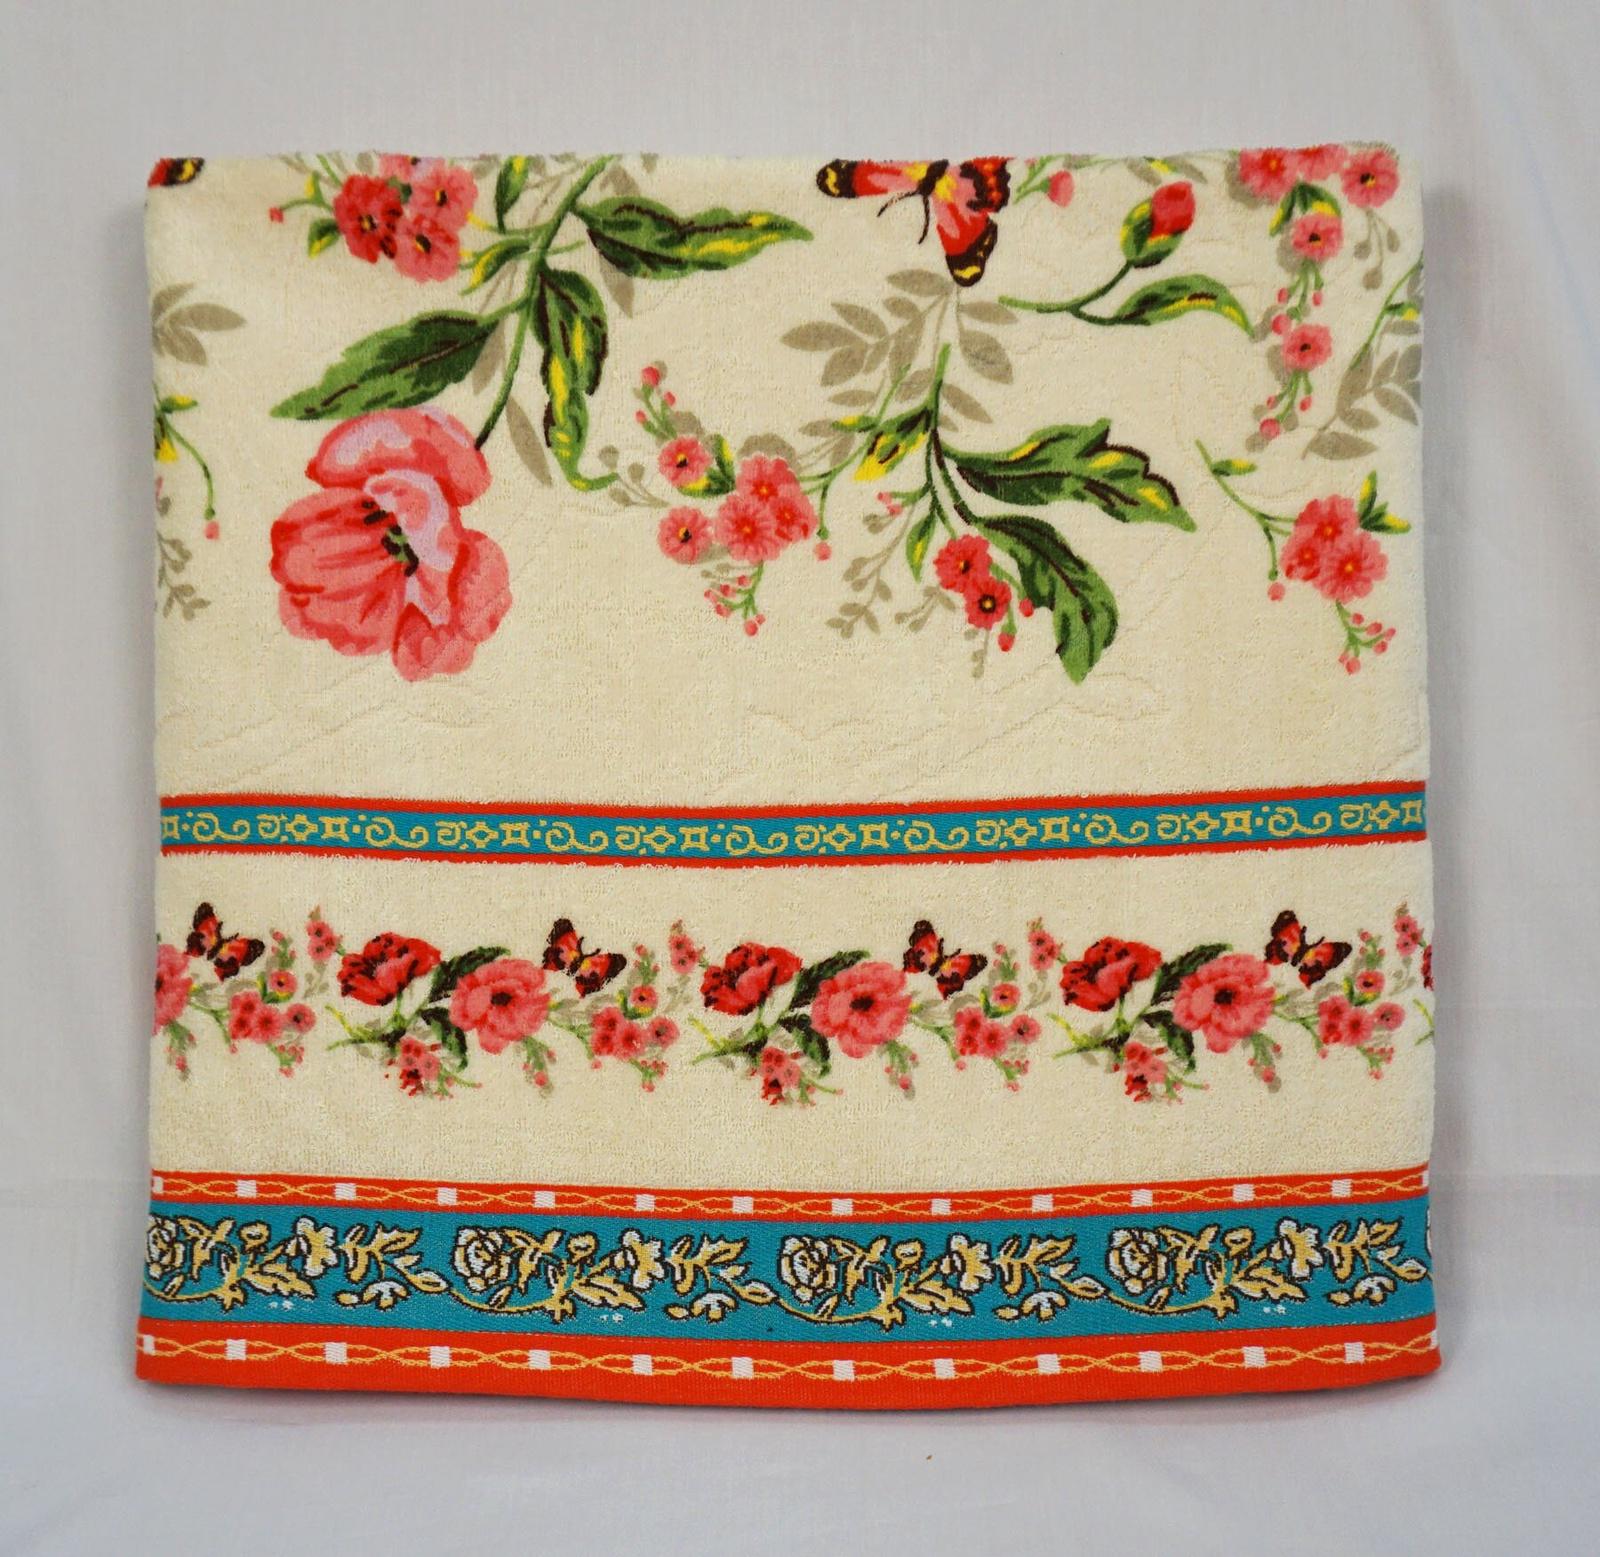 Полотенца банные, Grand Stil, Япония оригинальная, размер 85*160